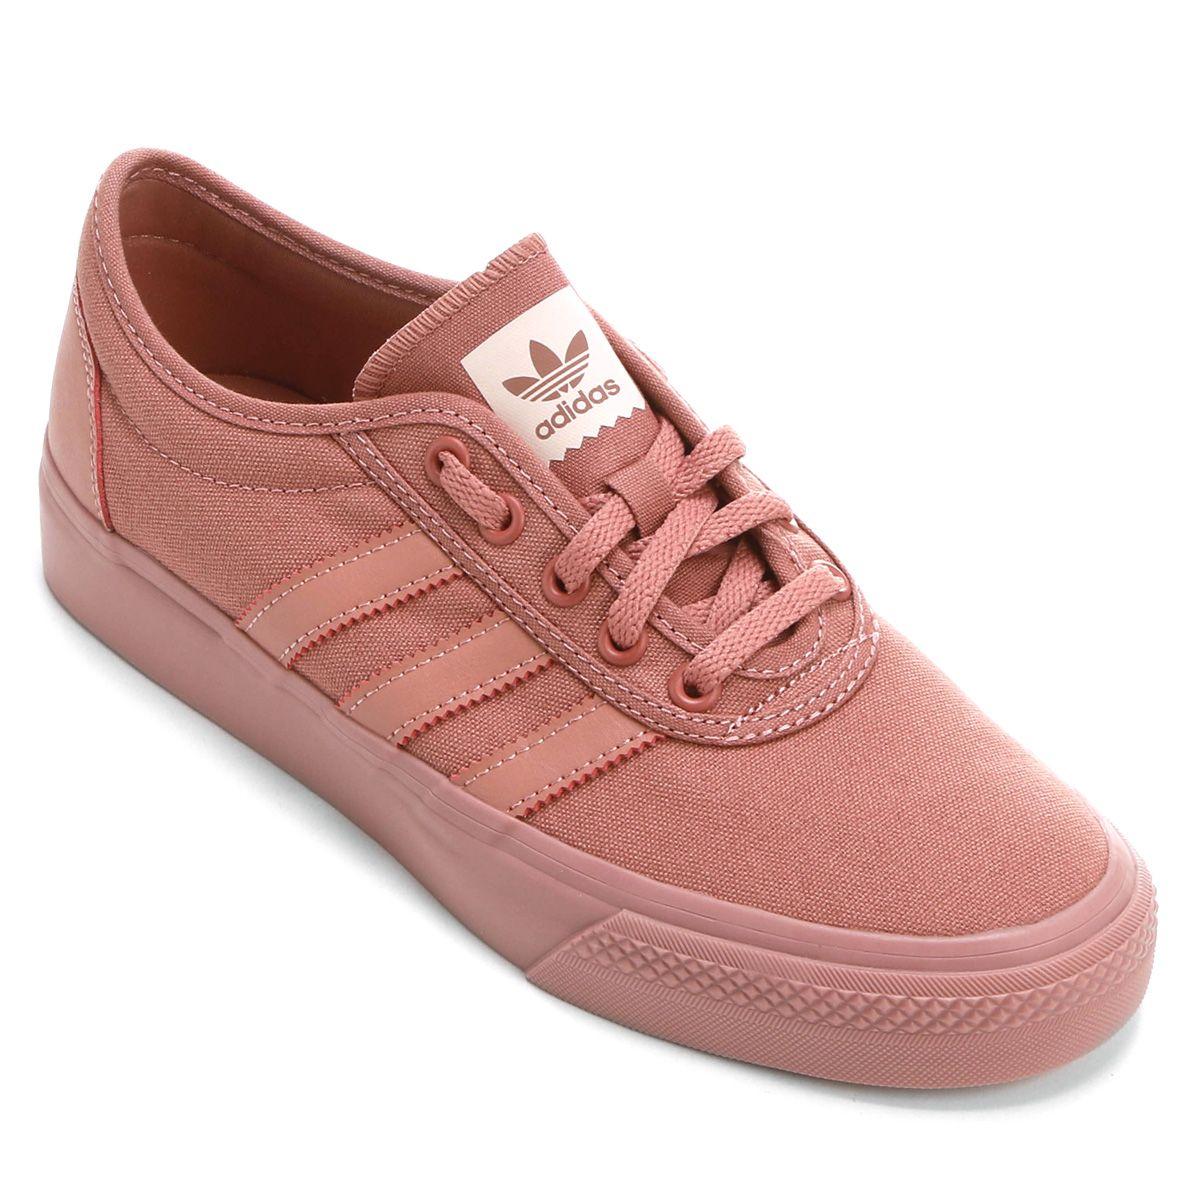 db49238db0409 Tênis Adidas Adi Ease - Rosa em 2019 | Cute shoes | Tenis sapato ...